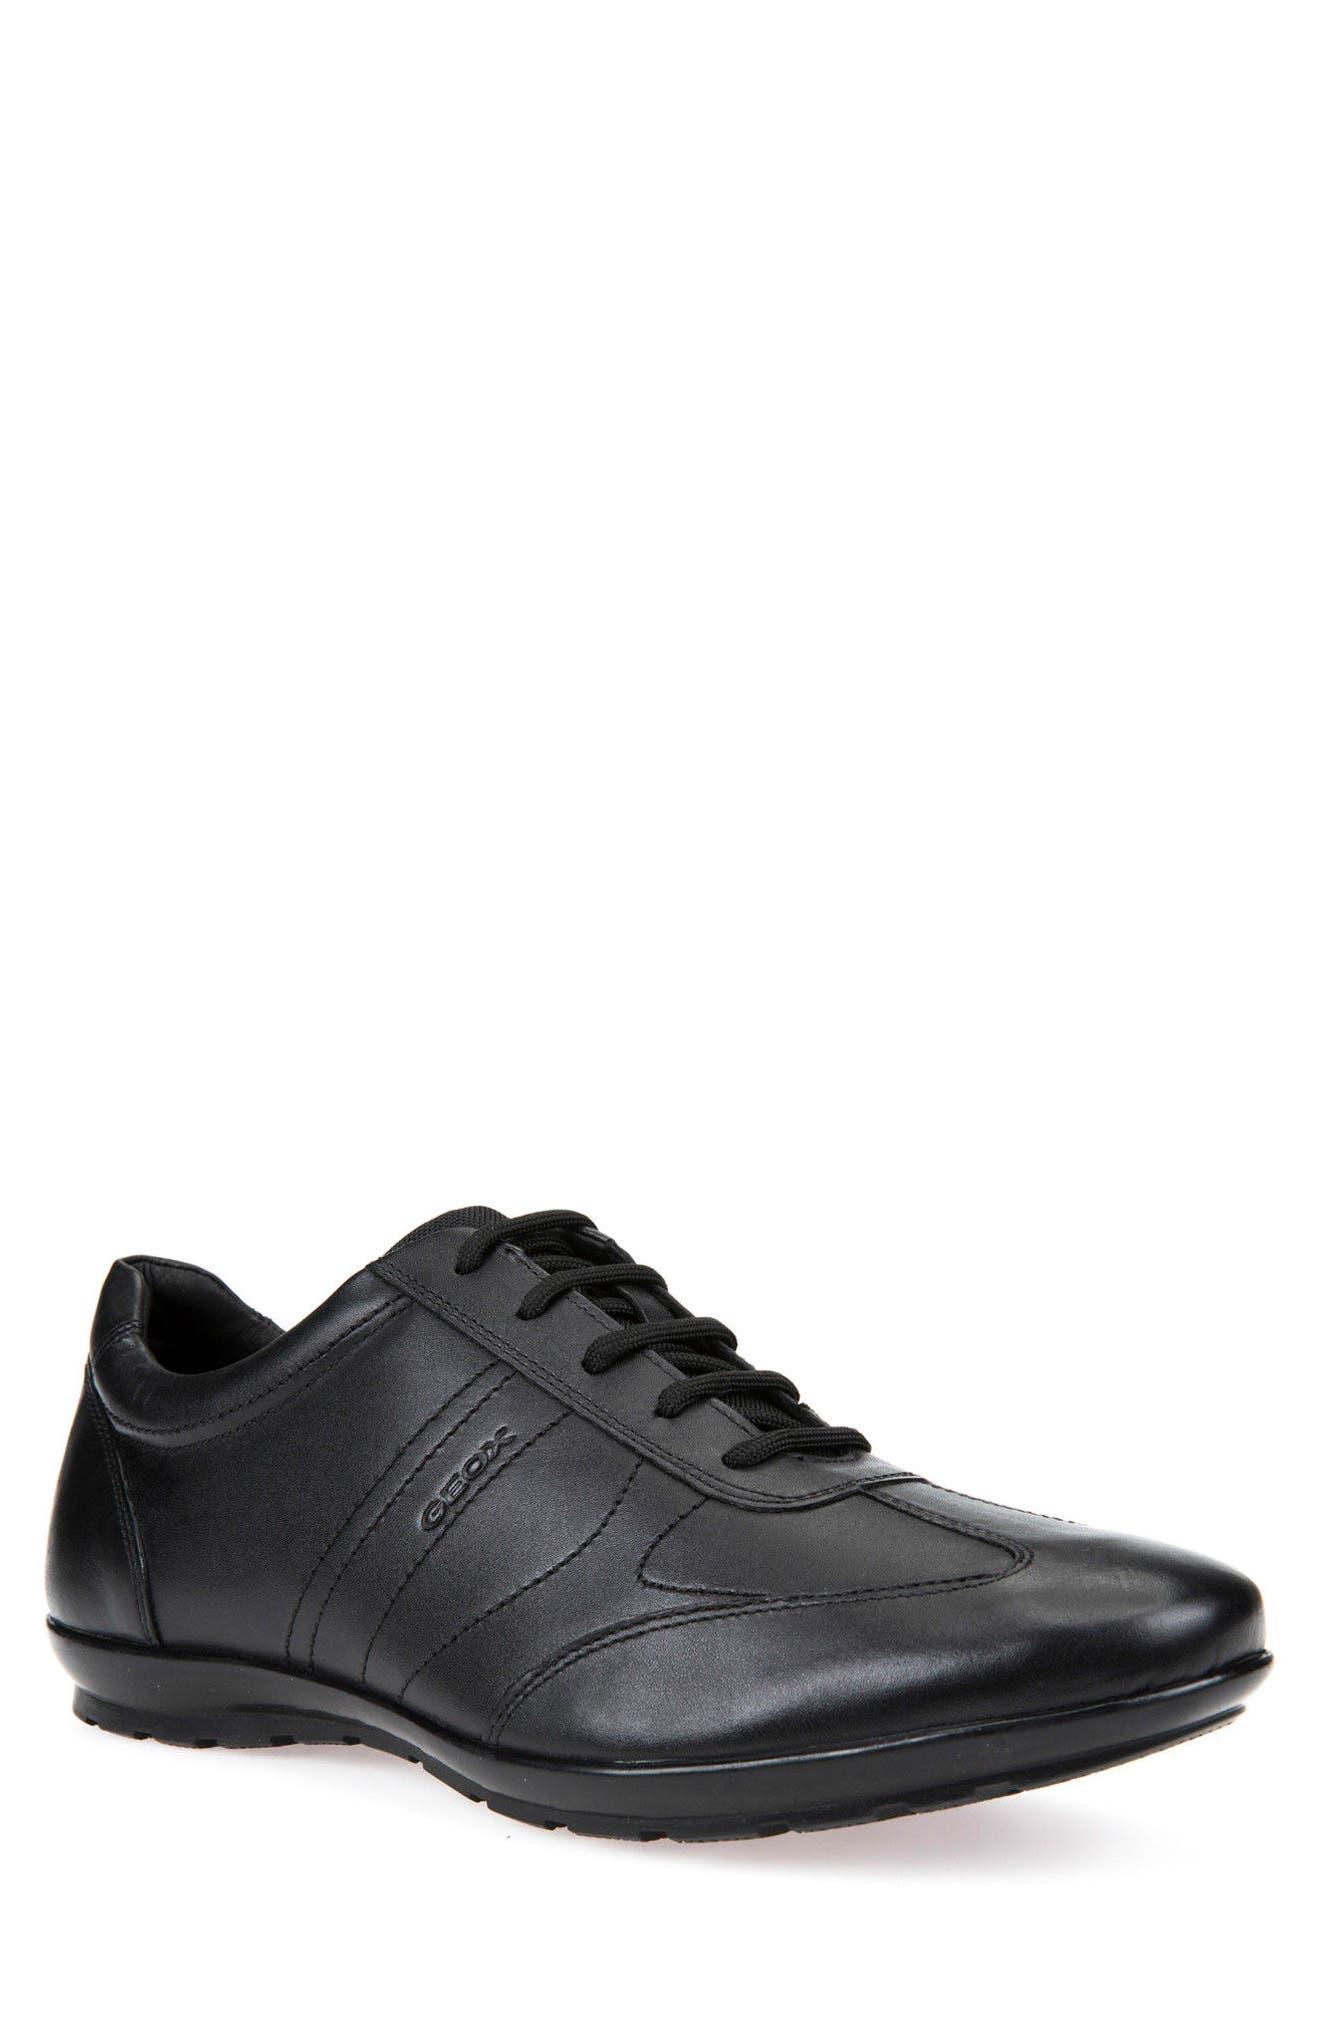 Geox Symbol 19 Euro Sneaker (Men